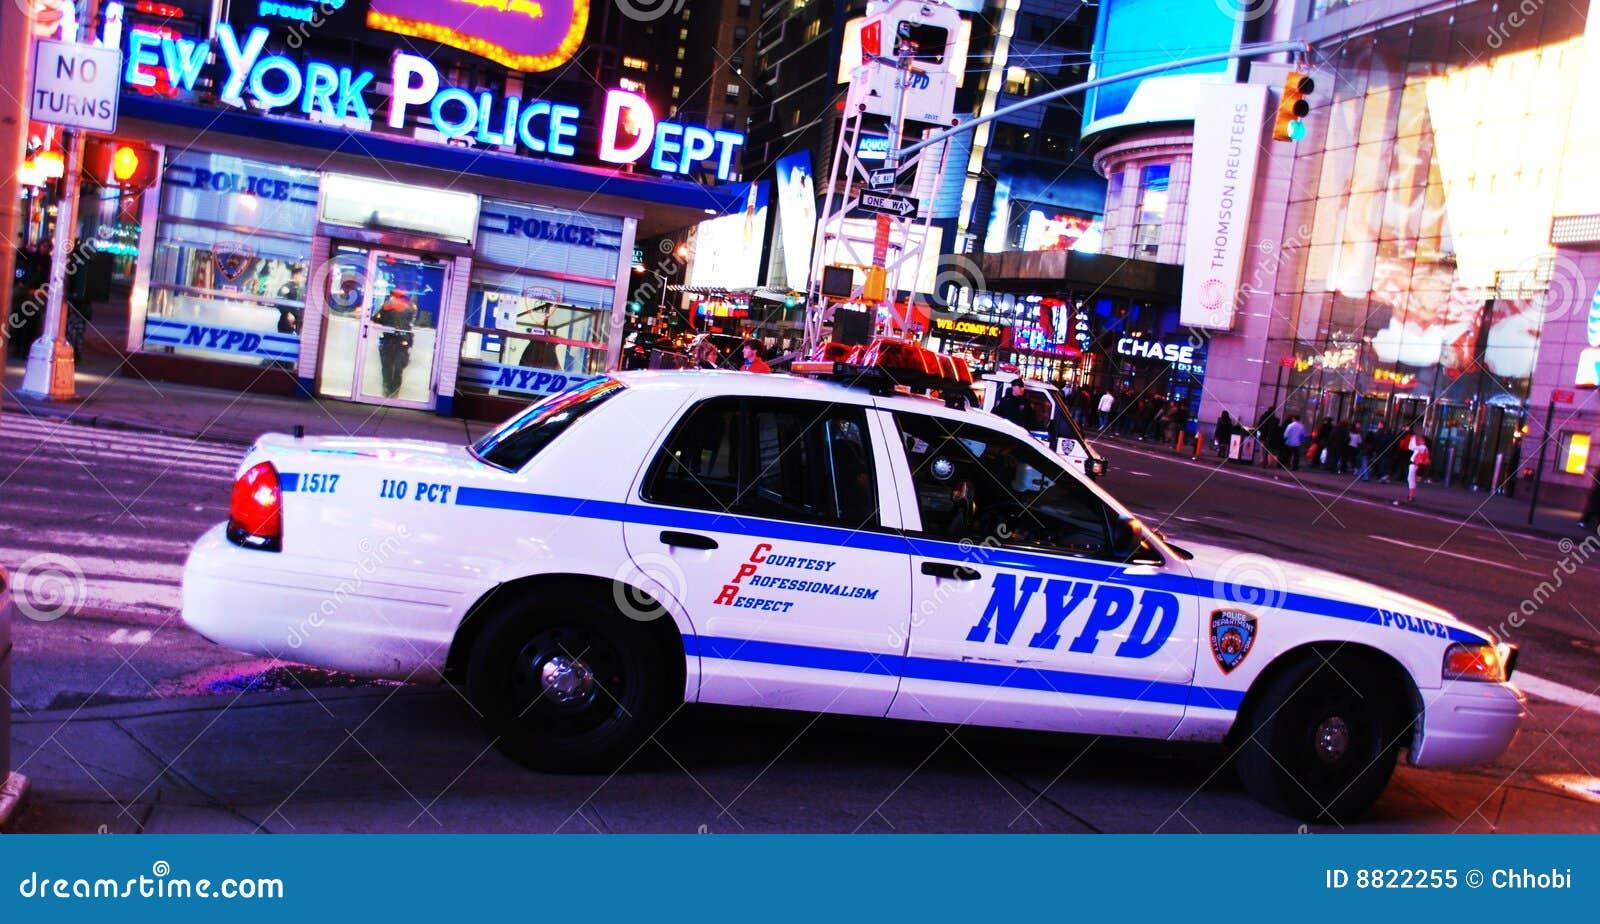 bureau de d partement de police de new york dans le times square image ditorial image 8822255. Black Bedroom Furniture Sets. Home Design Ideas